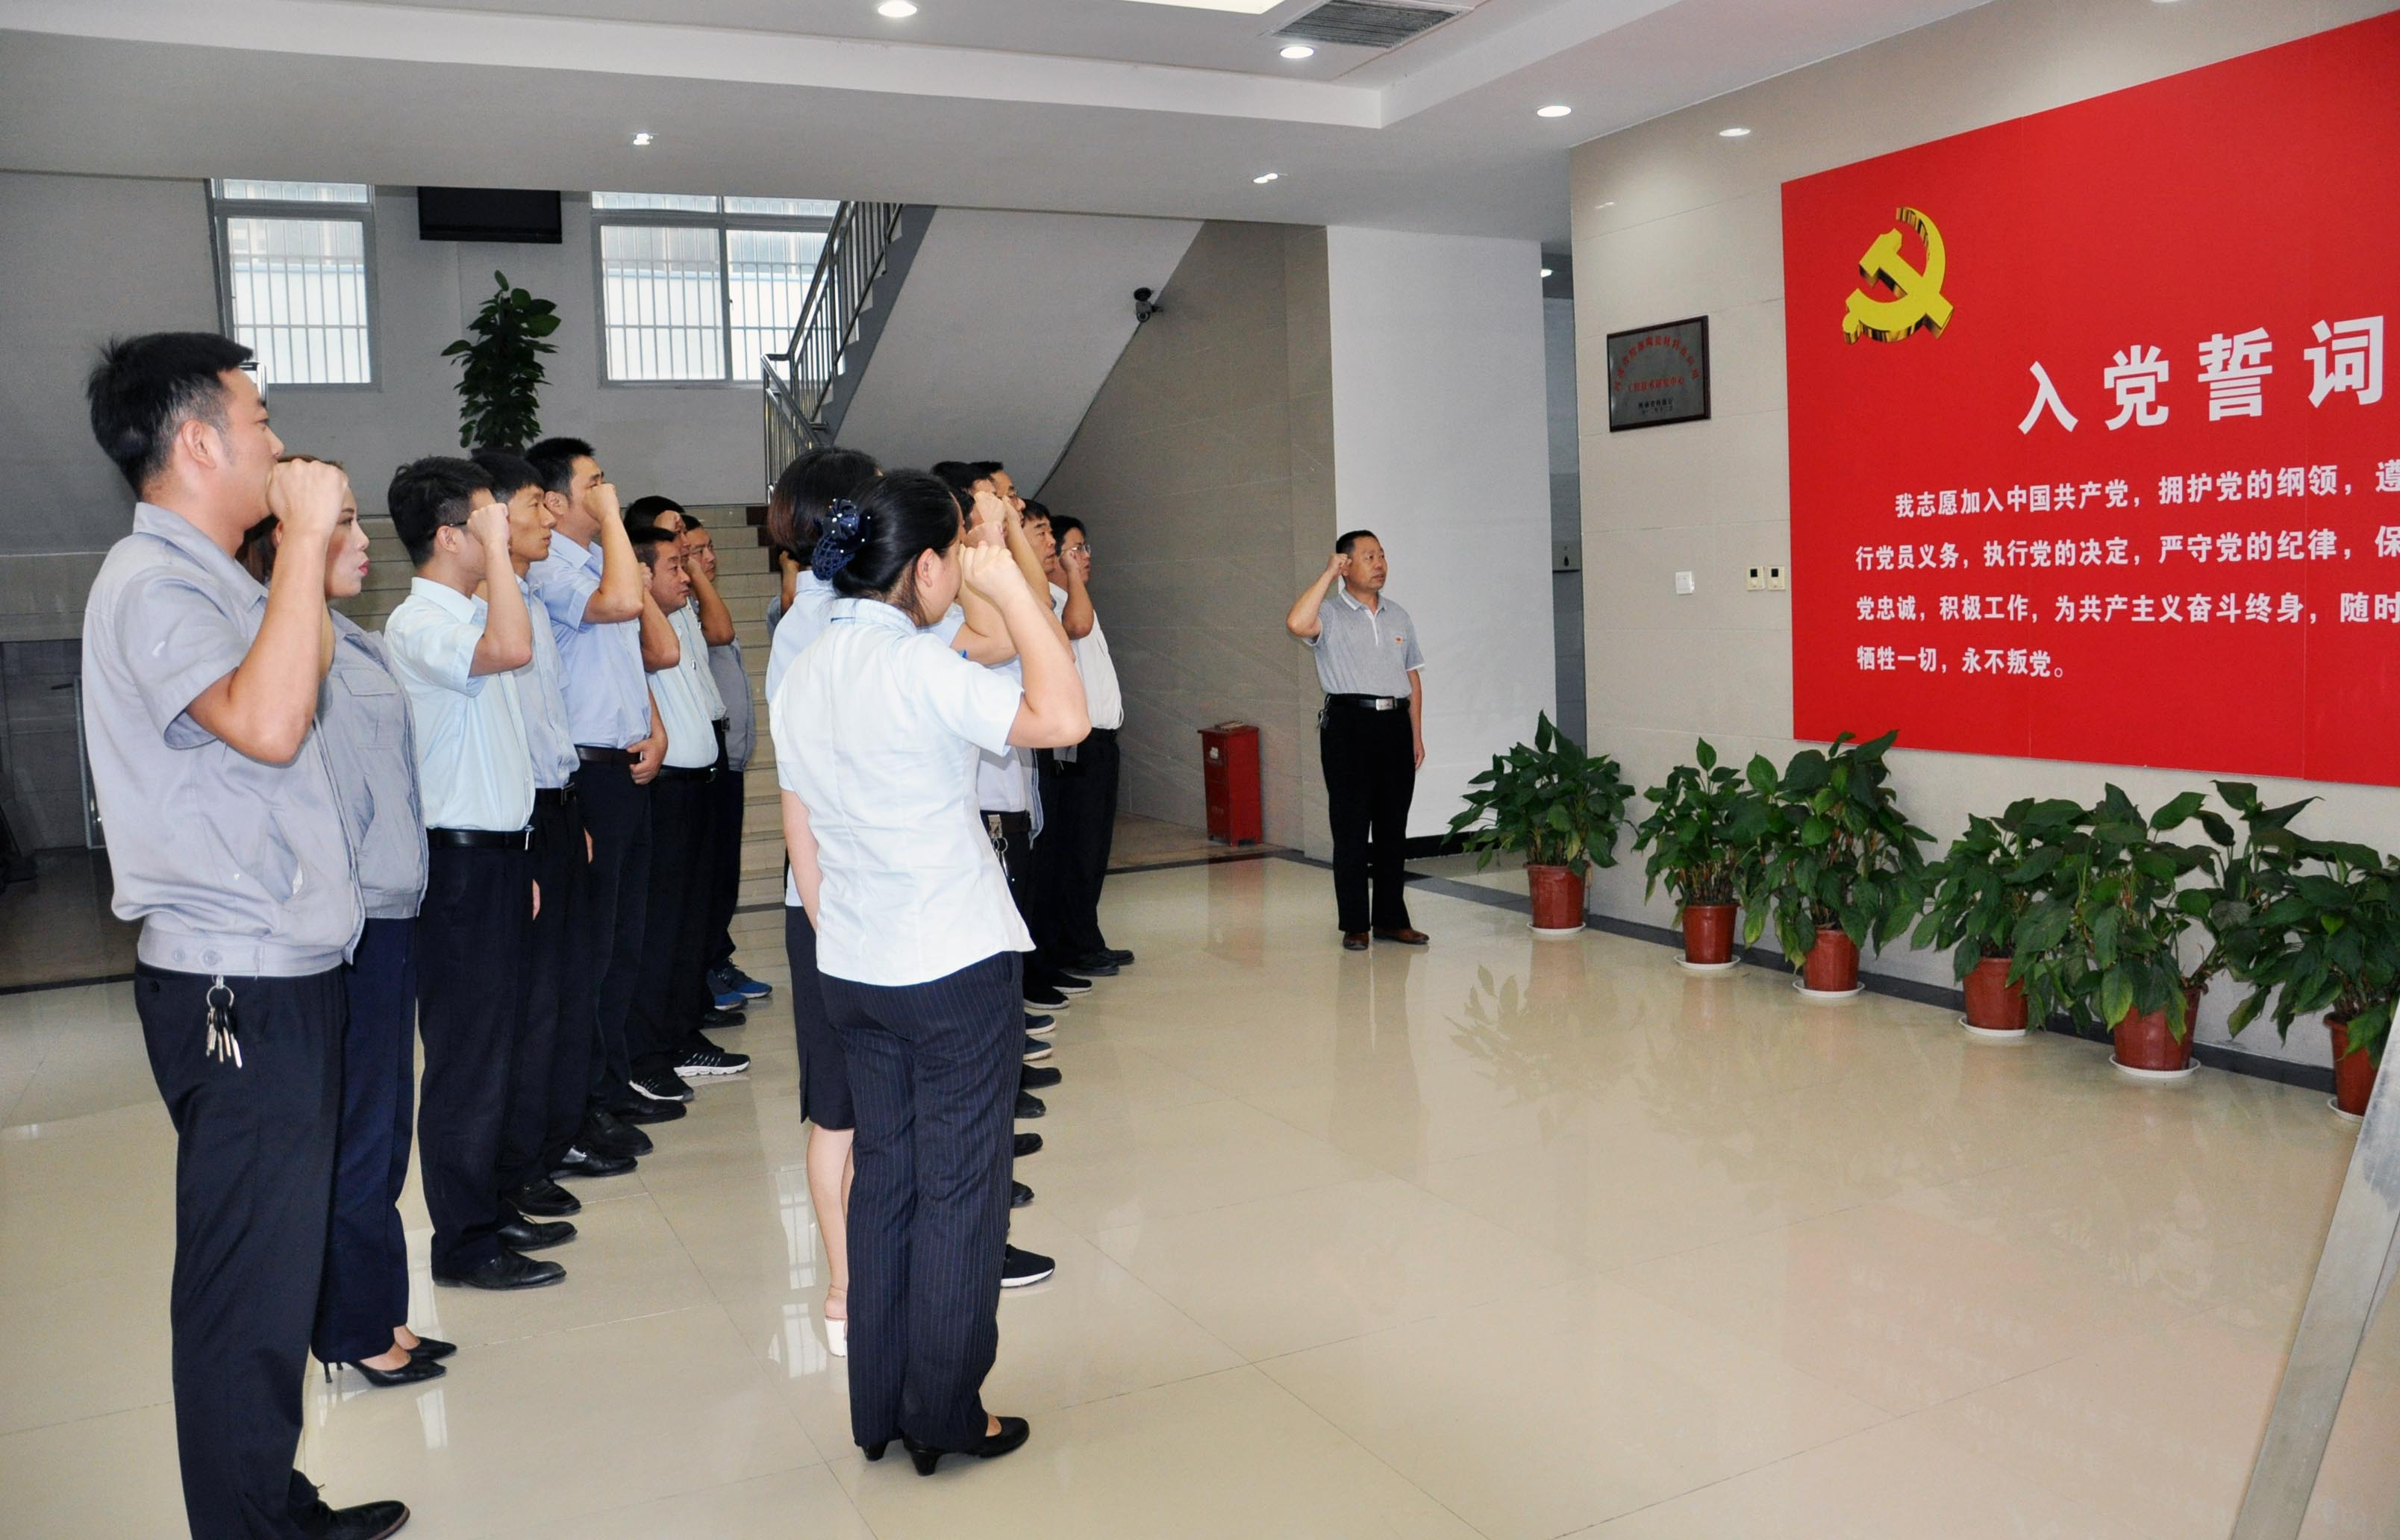 北京赛车pk官网app:建设银行平顶山分行积极联合企业开展党建共建活动